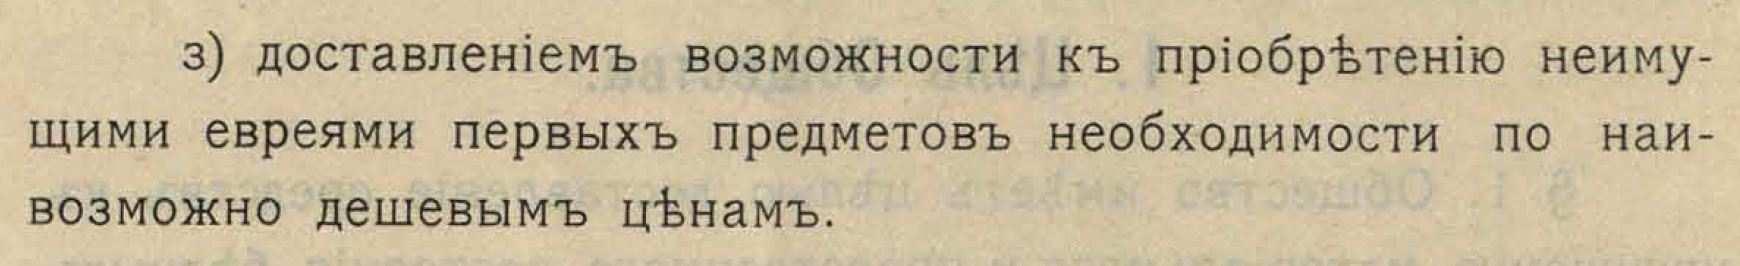 Рис.009